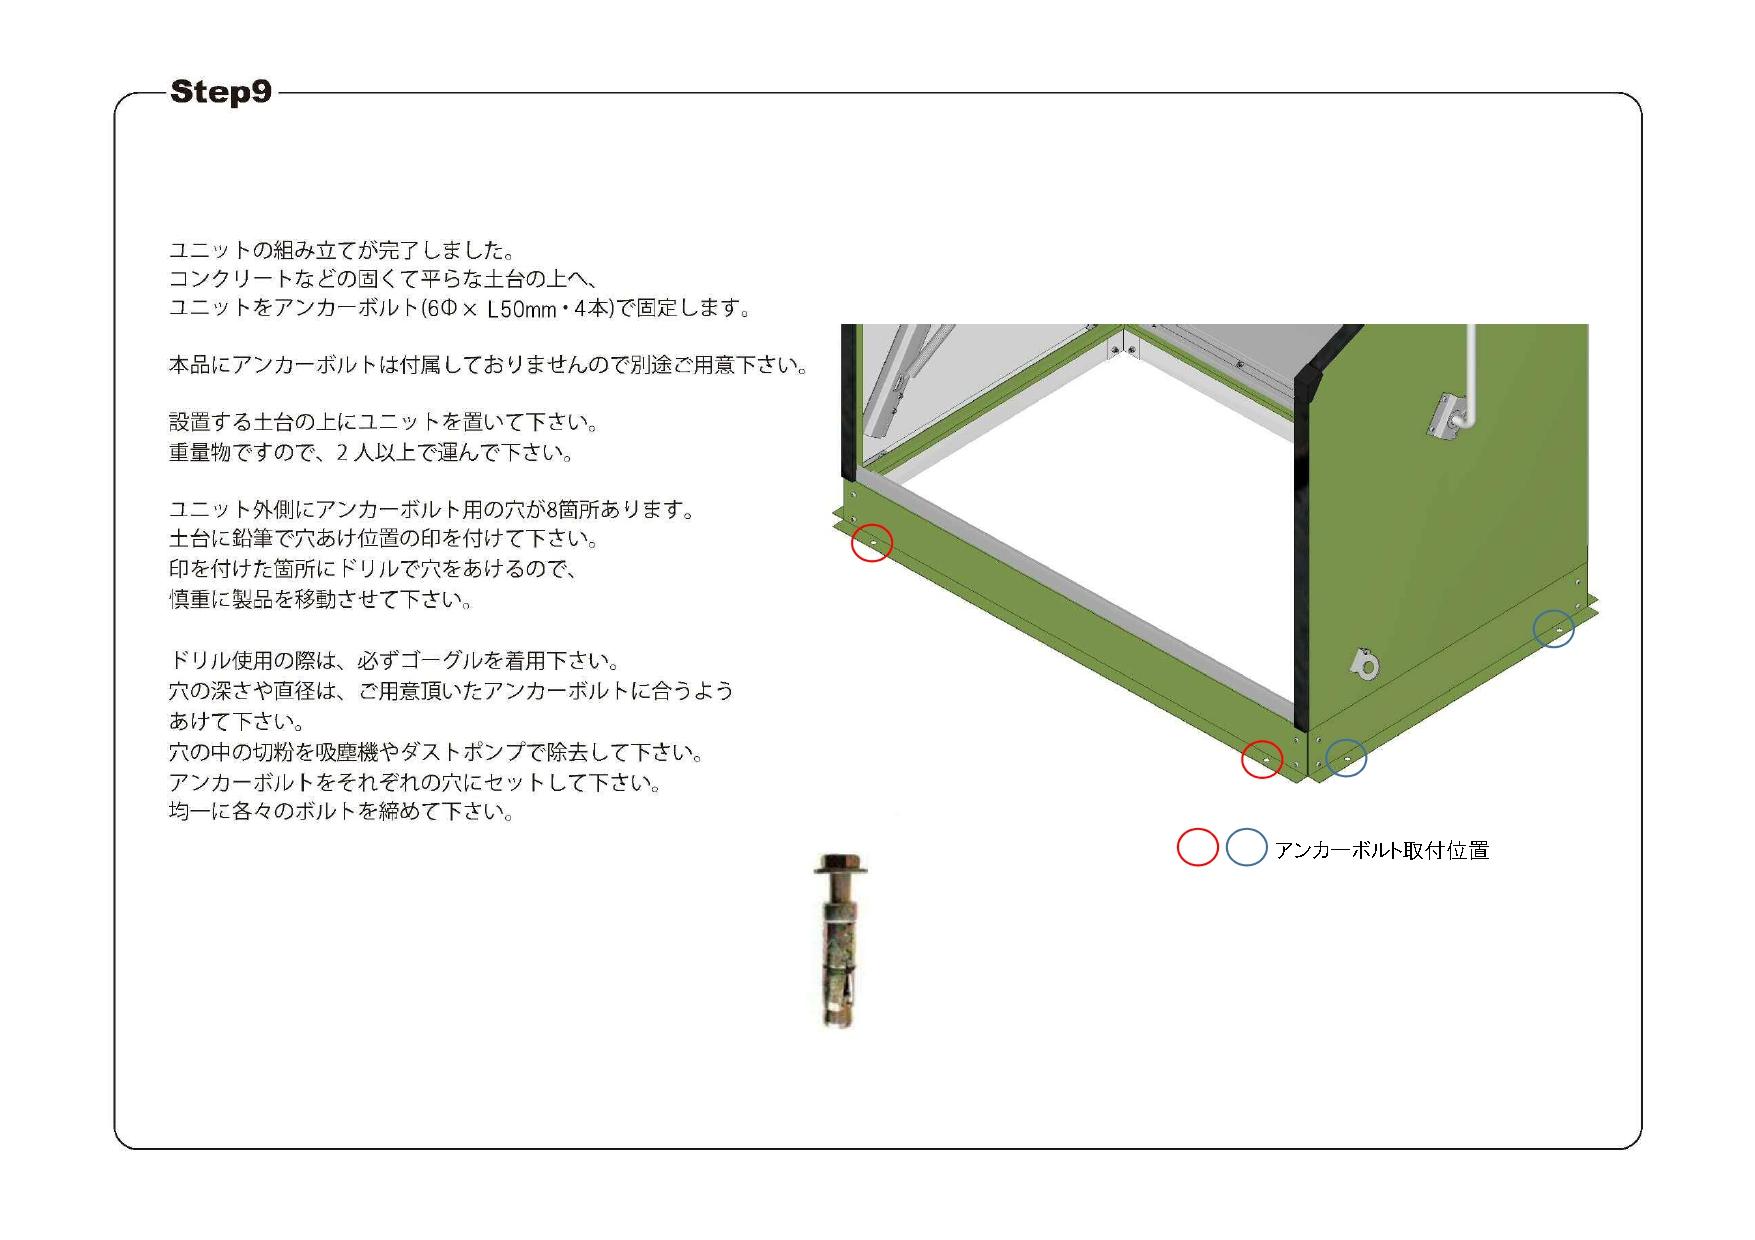 ミニストレージTM4 説明書_page-0013